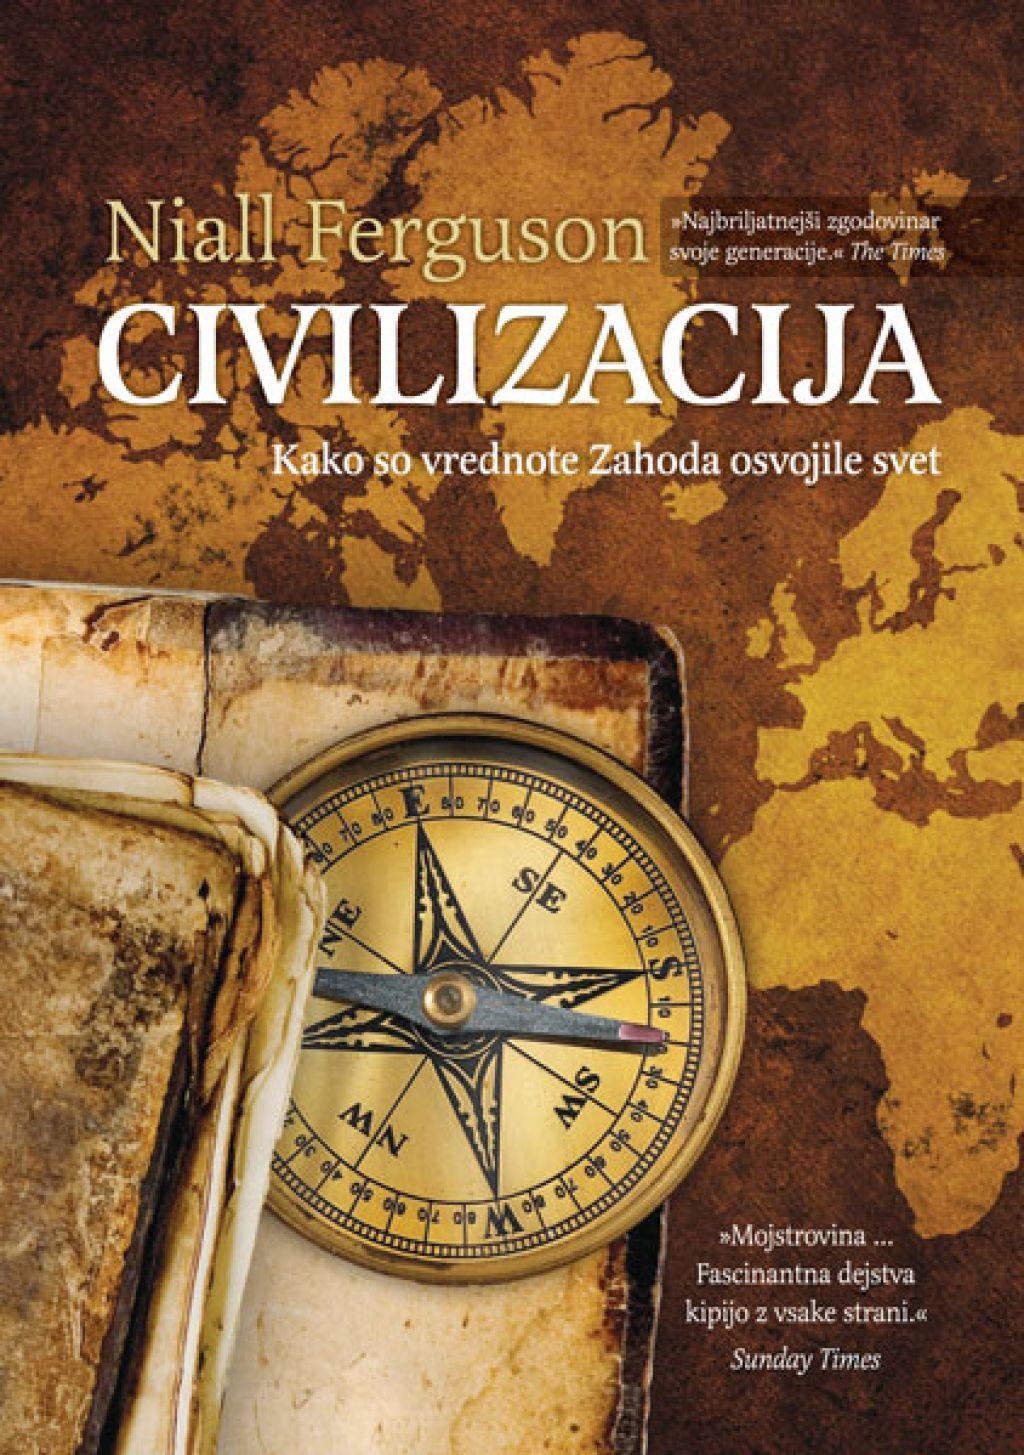 Knjiga tedna: Civilizacija